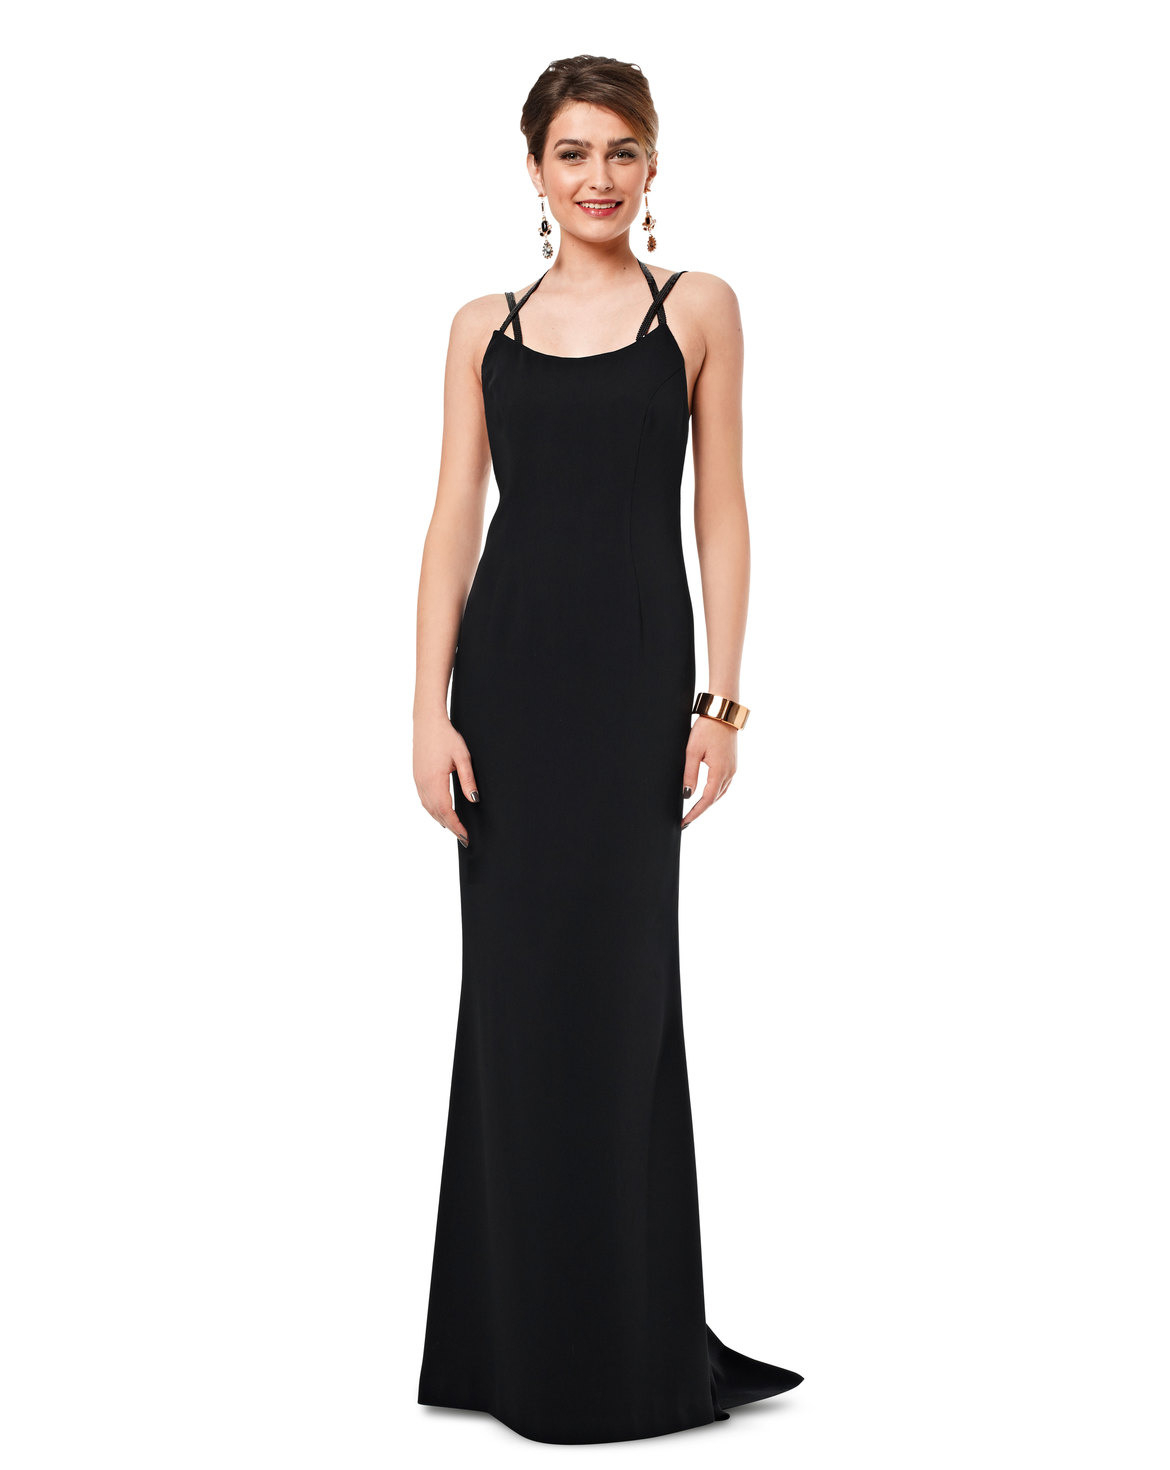 17 Perfekt Unterschied Cocktailkleid Abendkleid Bester PreisAbend Luxurius Unterschied Cocktailkleid Abendkleid Boutique